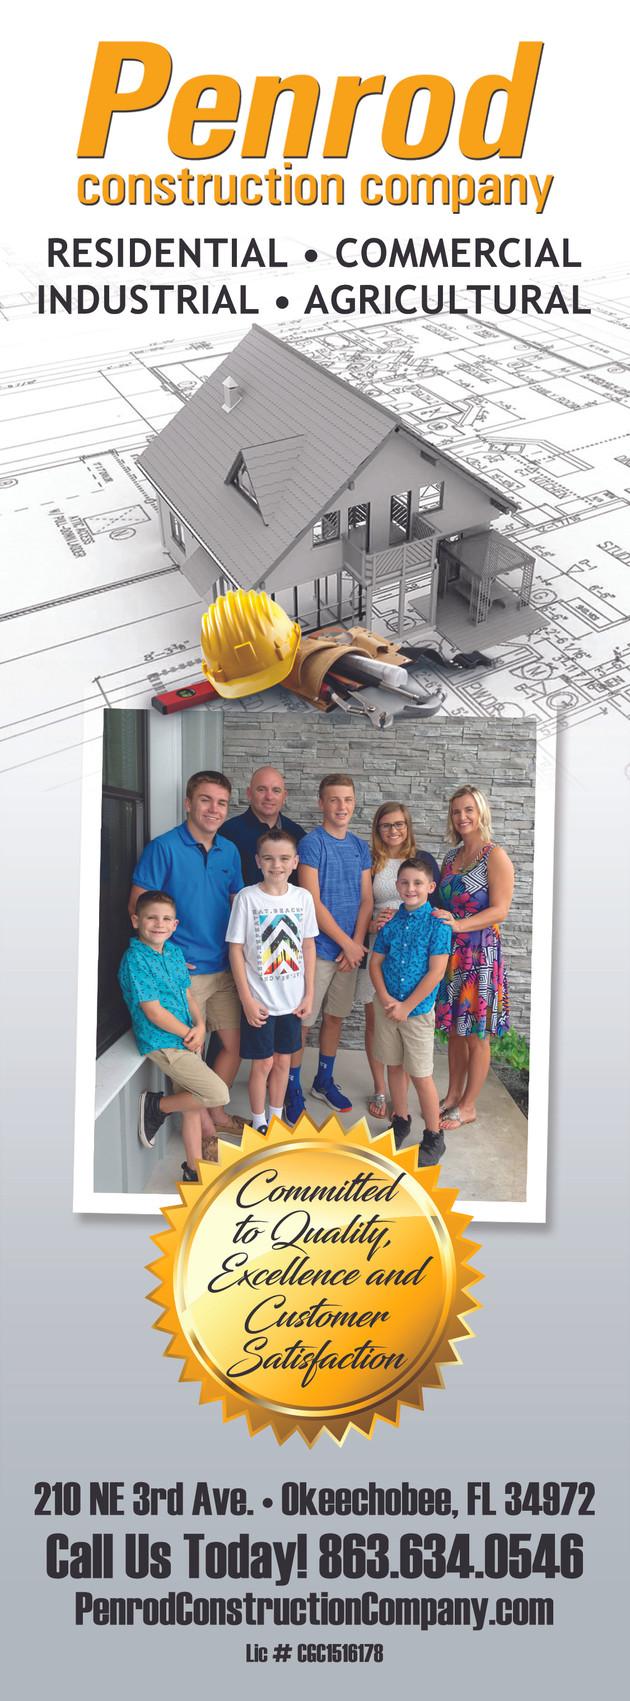 Penrod Construction Company